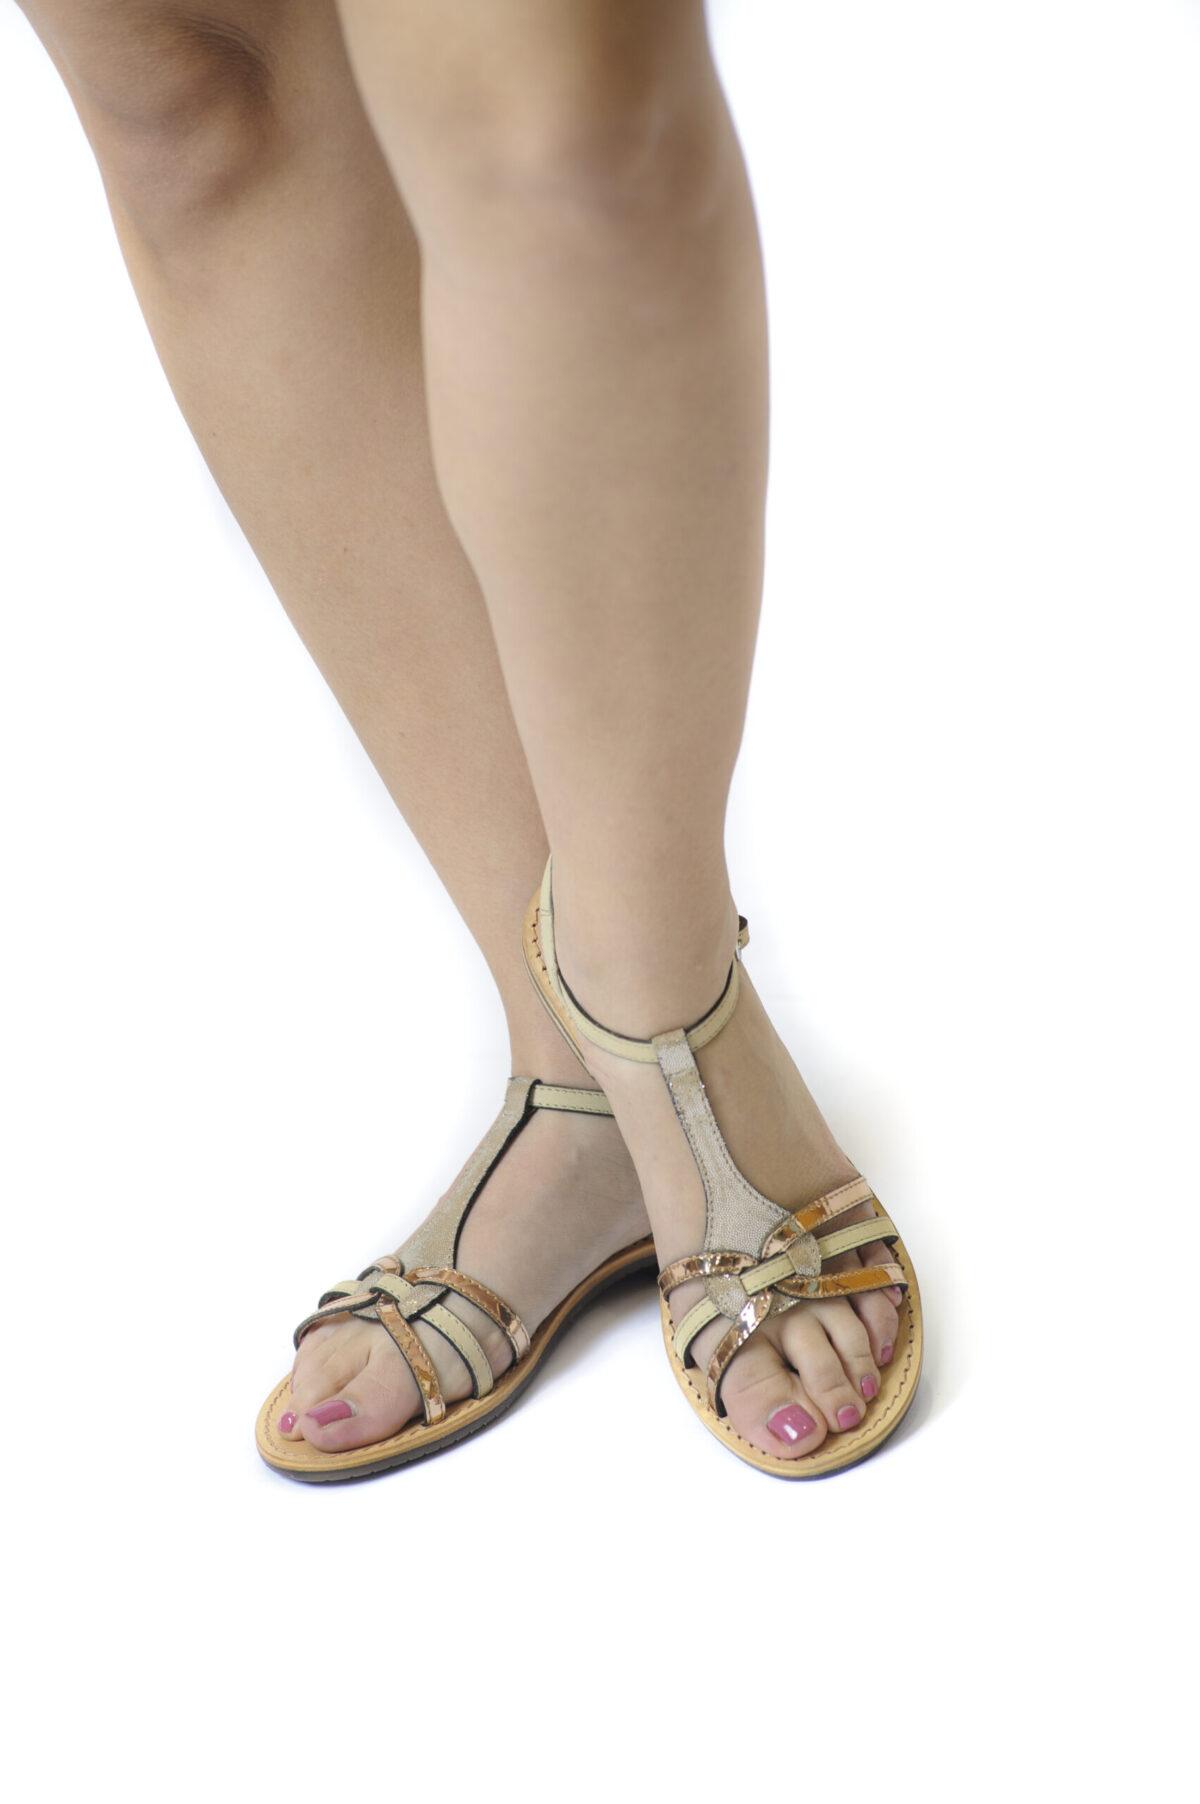 Γυναικεία Παπούτσια Flat Γυναικείο Πέδιλο με Mirror Gold Λουράκια